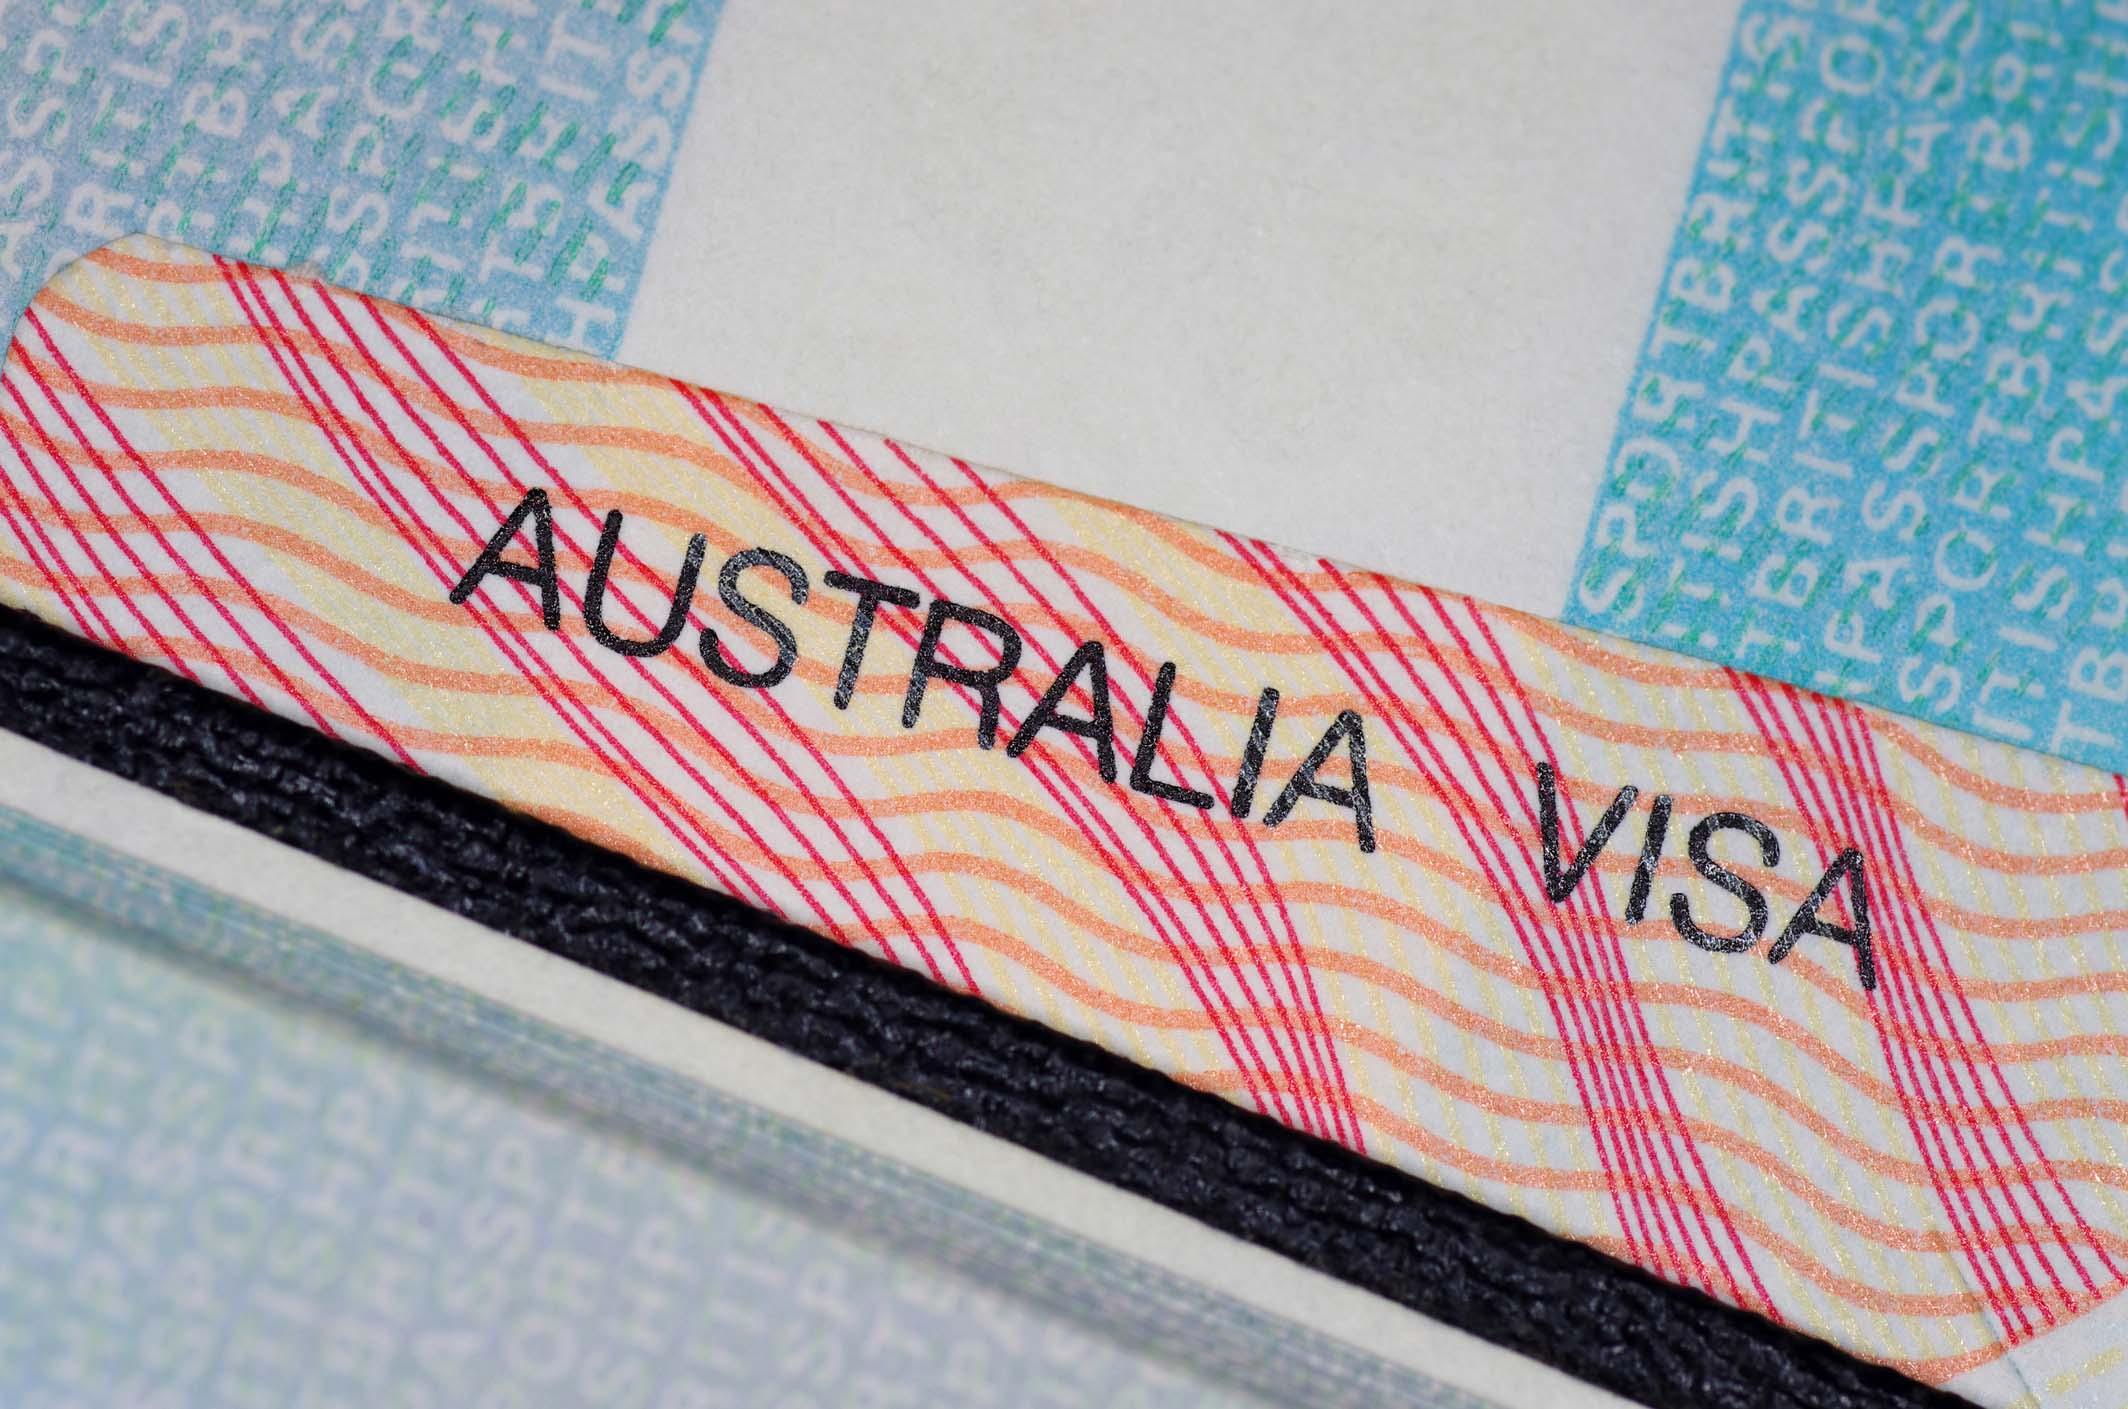 """Changes to the Work Visa Program - Việc xóa bỏ Visa 457 và những mối lo ngại khiến nhiều người """"đau đầu"""""""